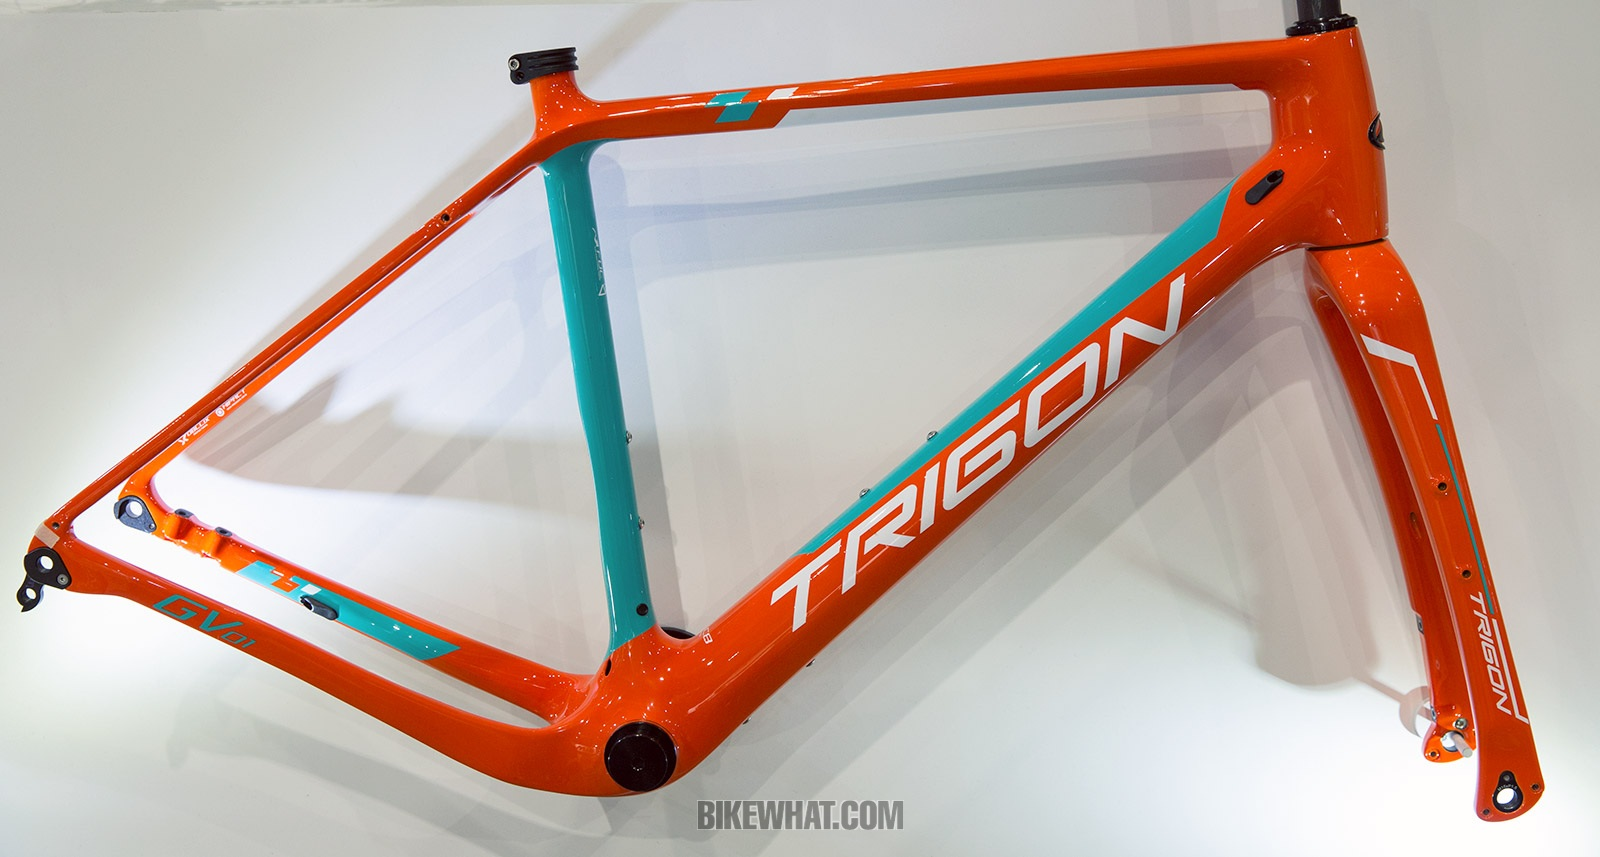 Feature_TaipeiCycle_2019_Trigon_Gv01_2.jpg